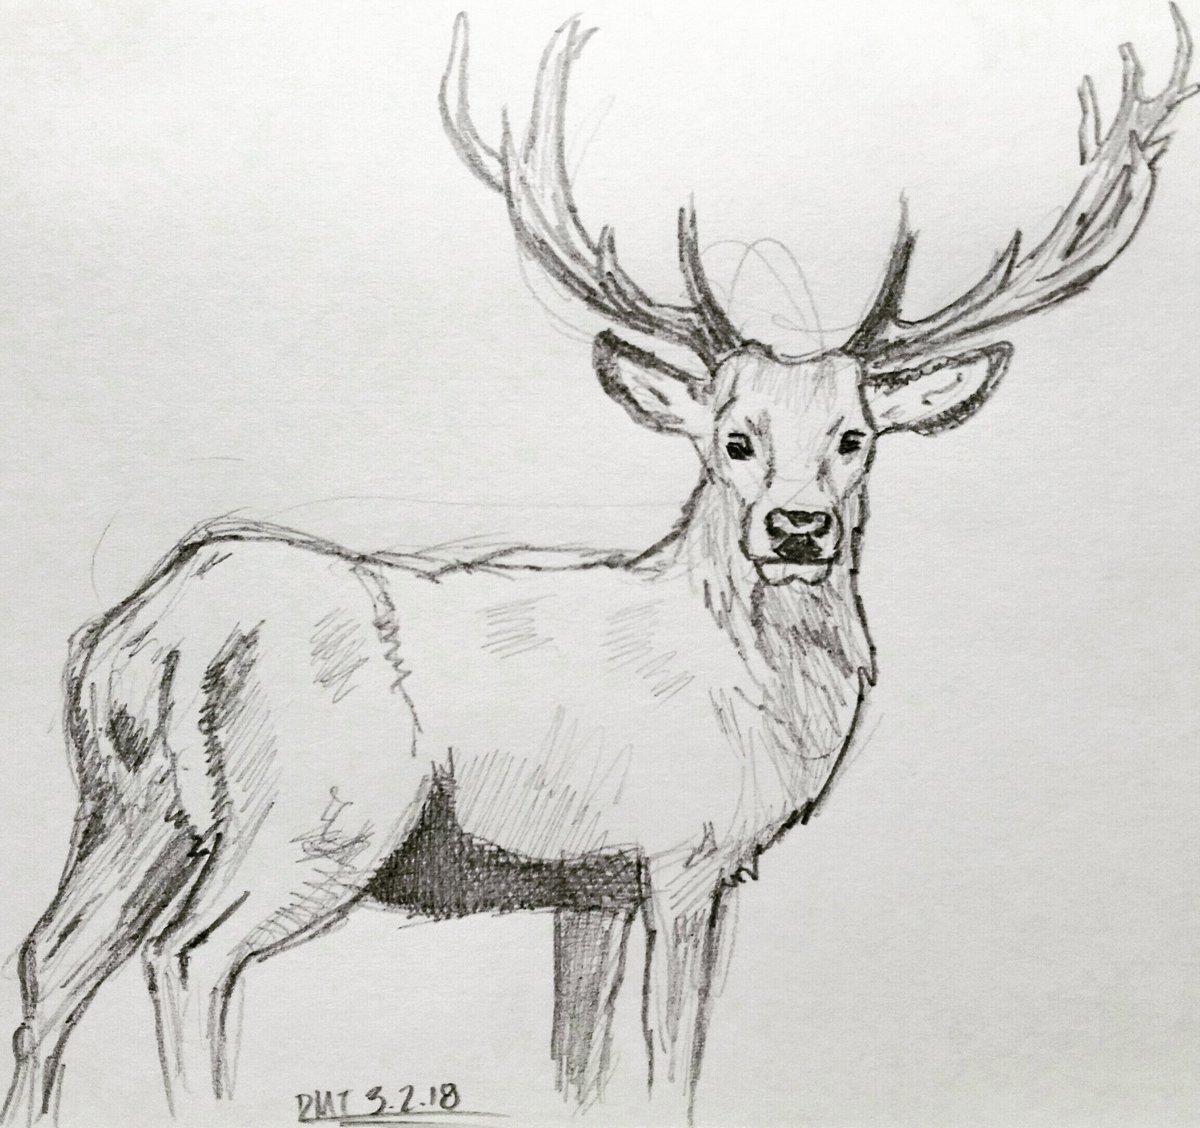 Deer pencil sketch sketchbook dailydrawingchallenge dmt 2018pic twitter com aiyrtbkmik